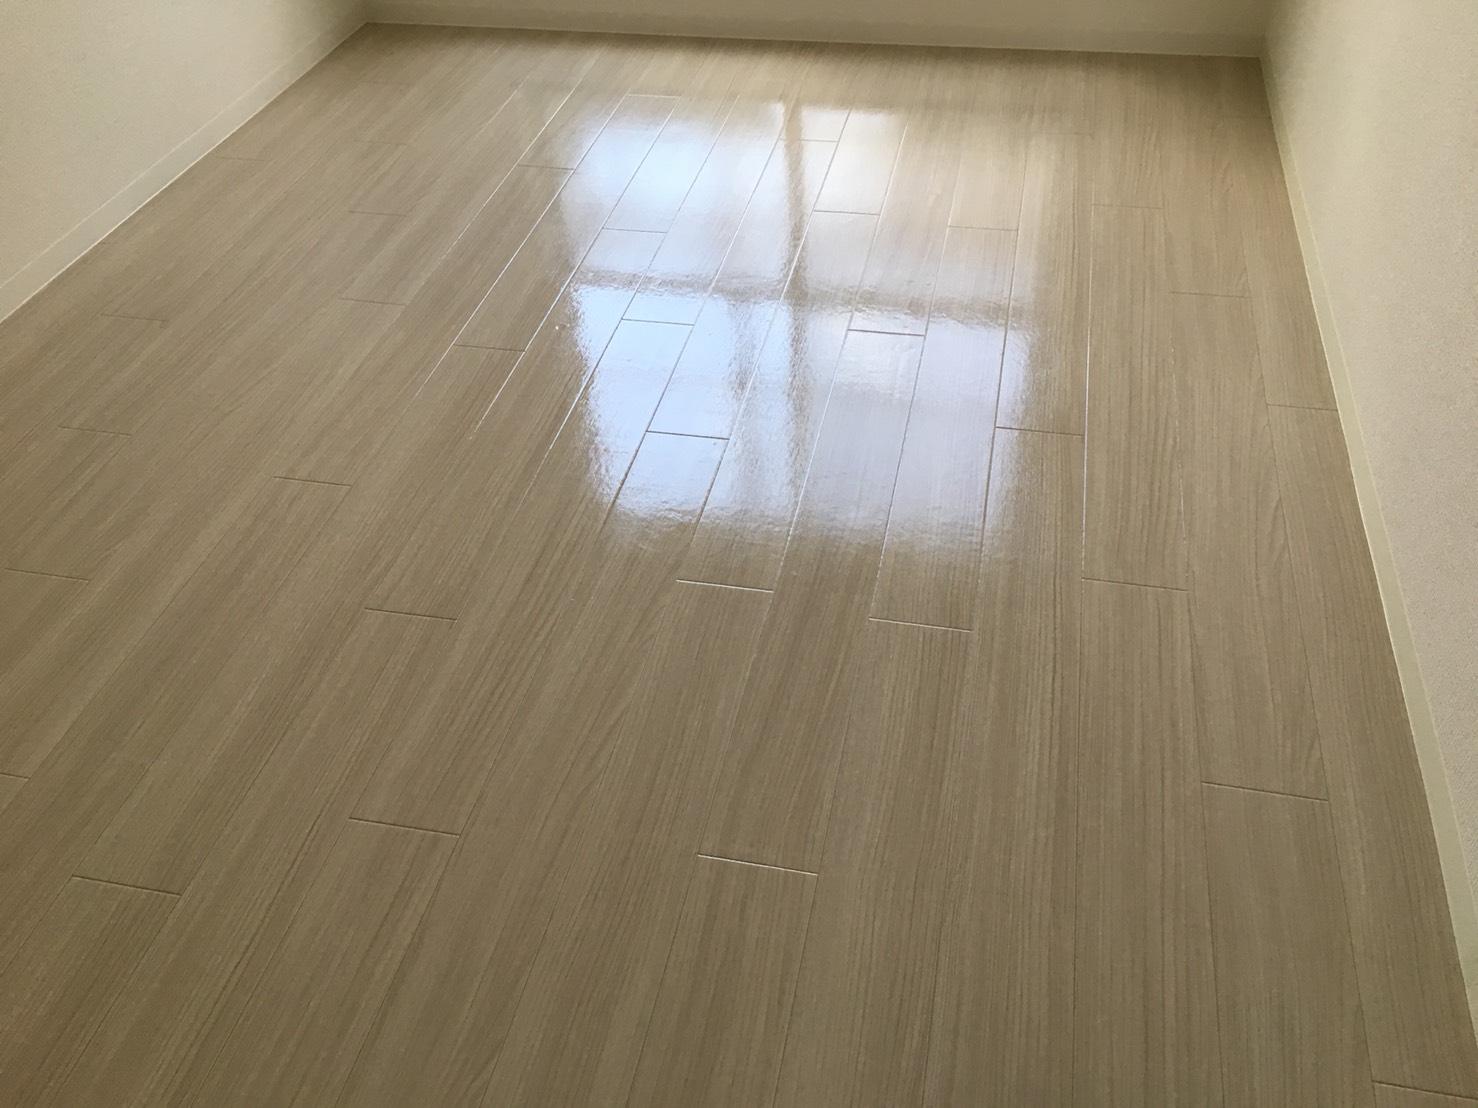 ご相談・お見積は無料 おそうじプラスのフローリング清掃  高品質なワックスを使用するので床の光沢、輝きが違います!効果的なお掃除